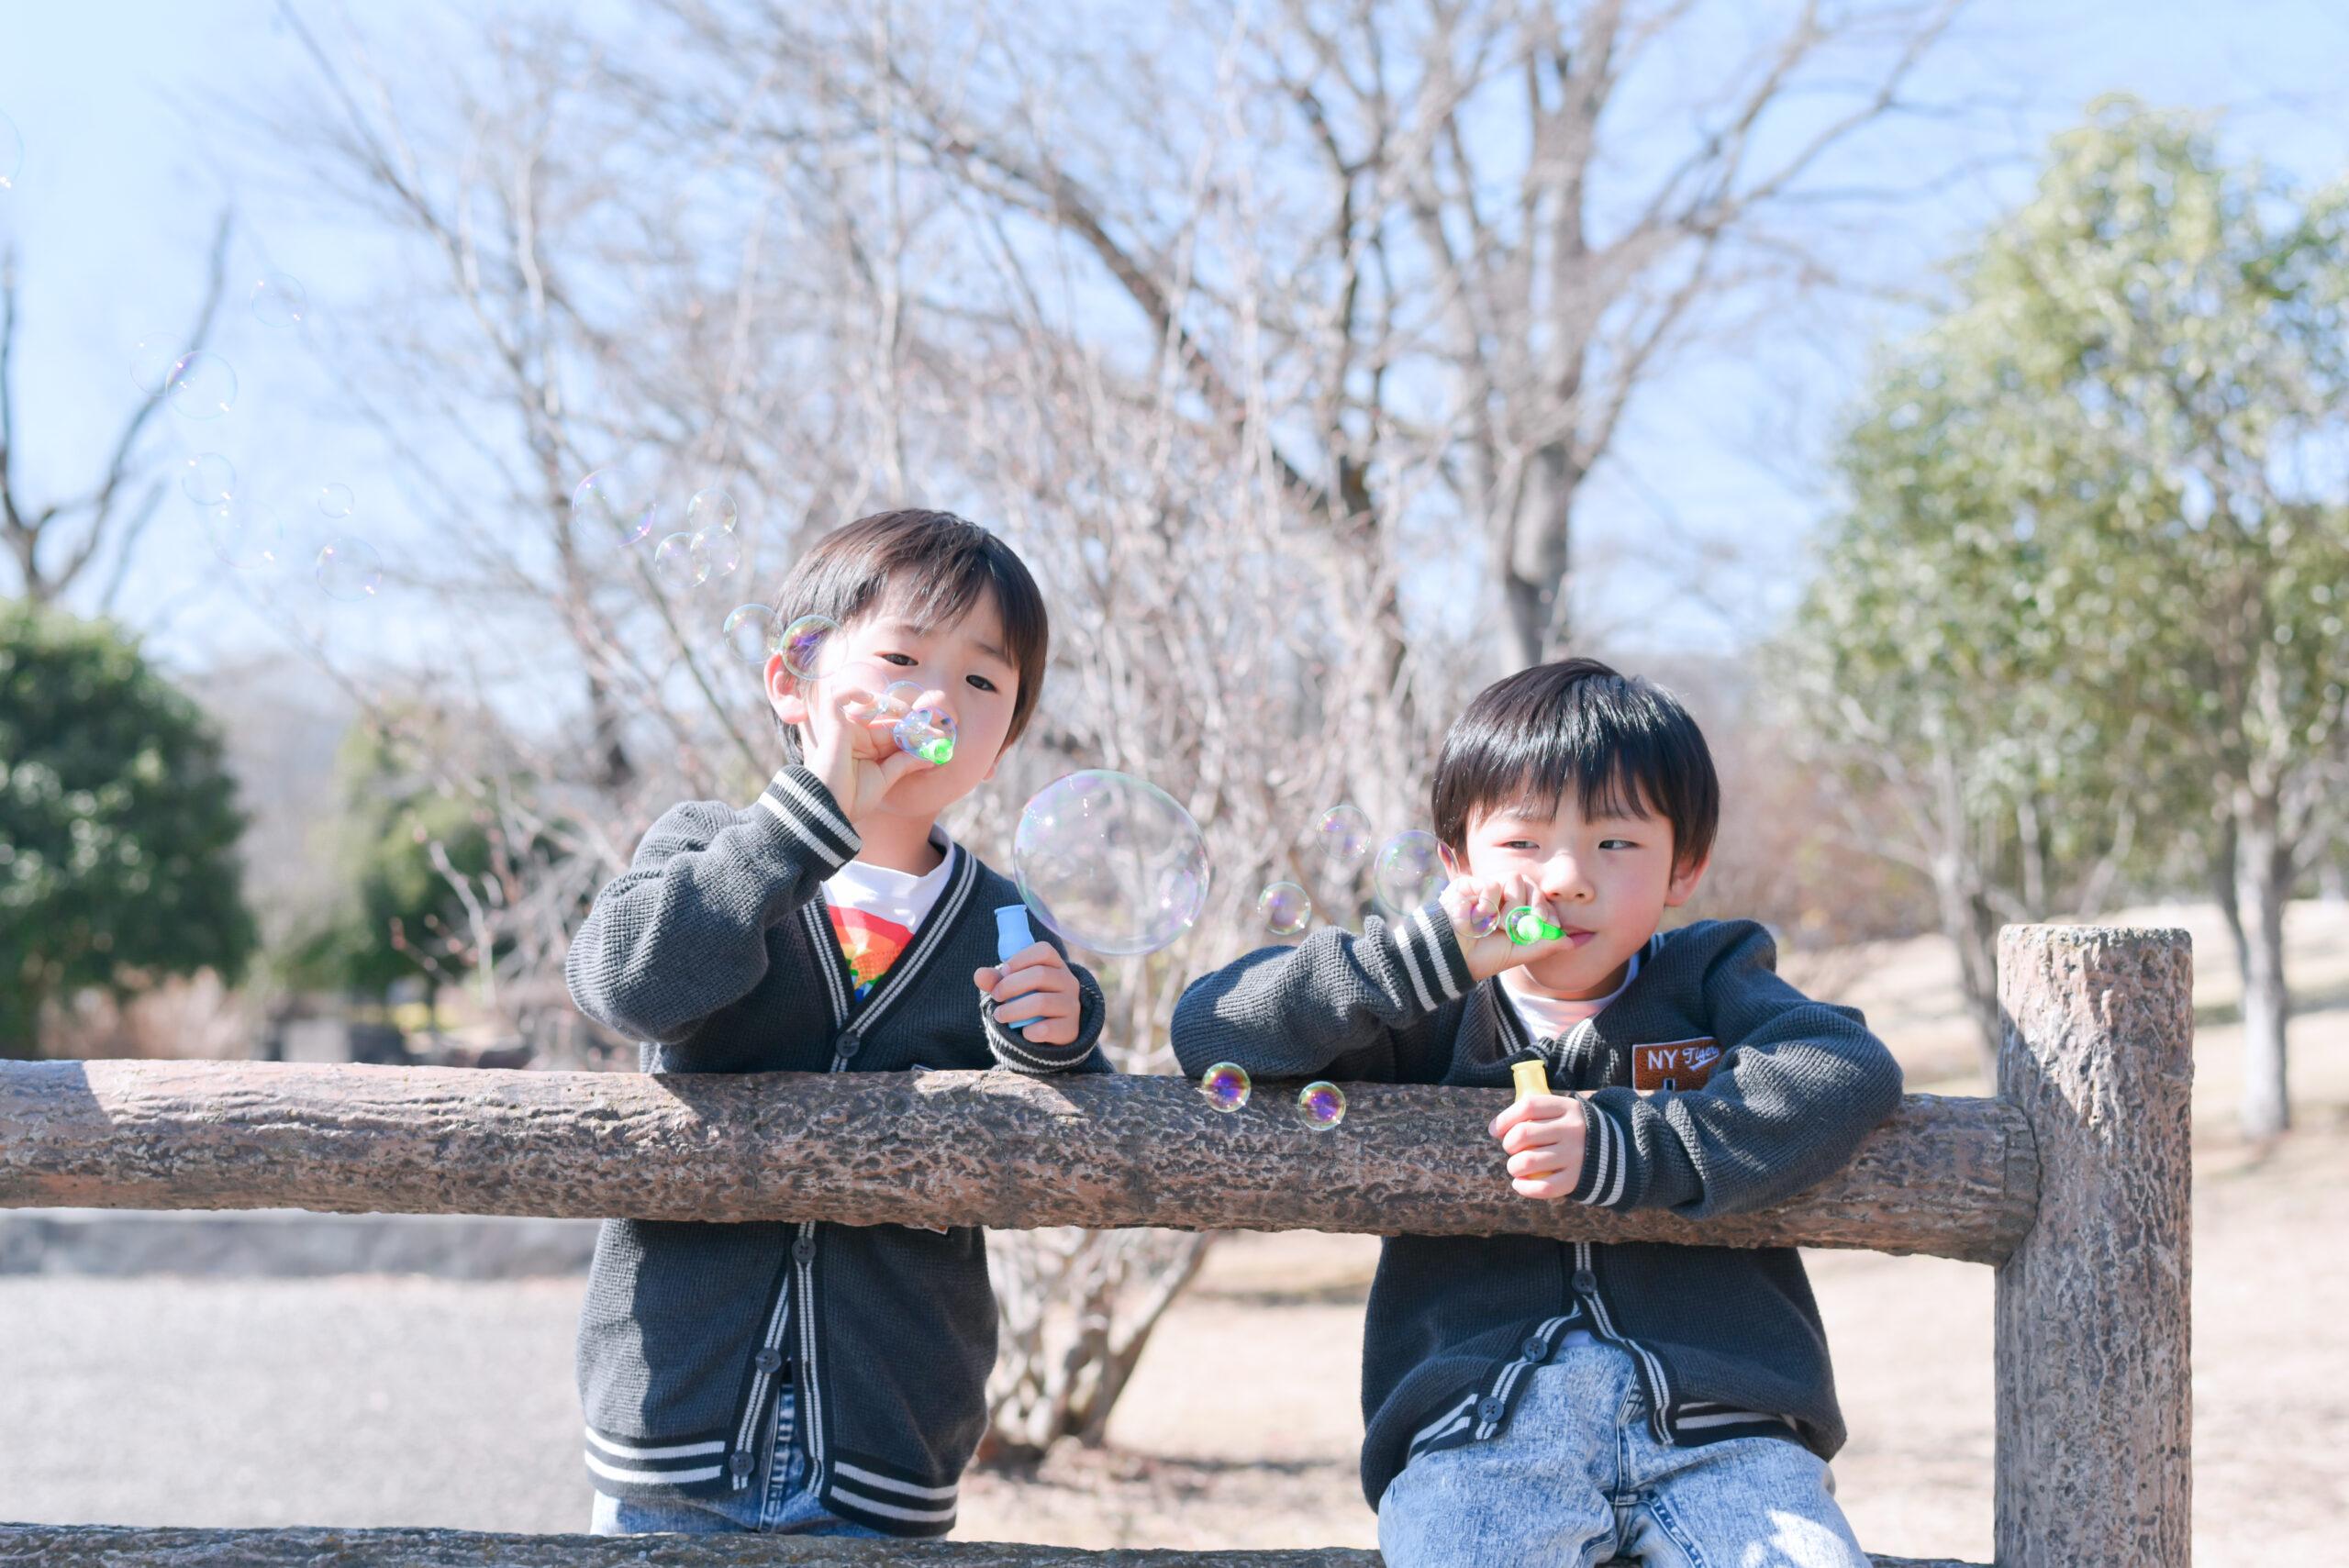 双子の男の子 6歳バースデー お誕生日写真 フォトスタジオフォトジェニック